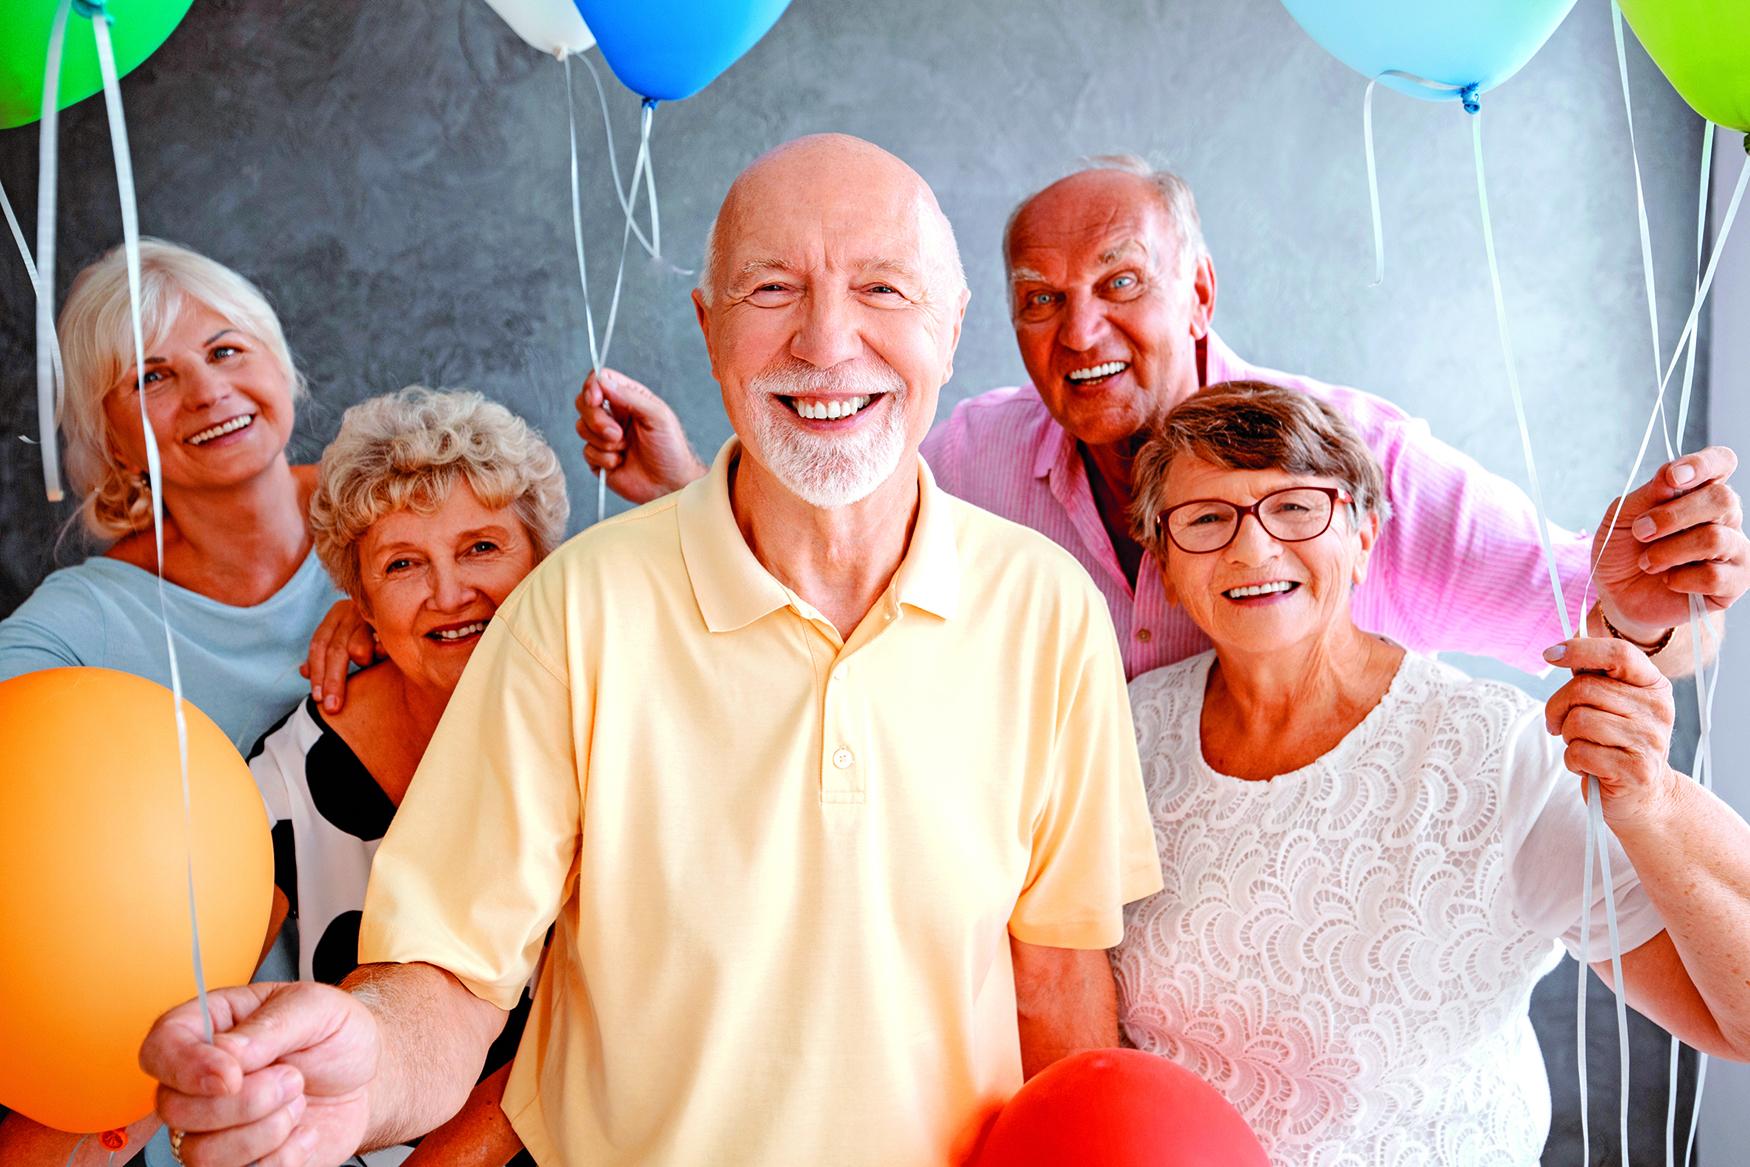 研究顯示社交活動與幸福,健康及長壽的確是有聯繫,並且會激發人們的「利他」行為。(Rawpixel.com/Shutterstock)